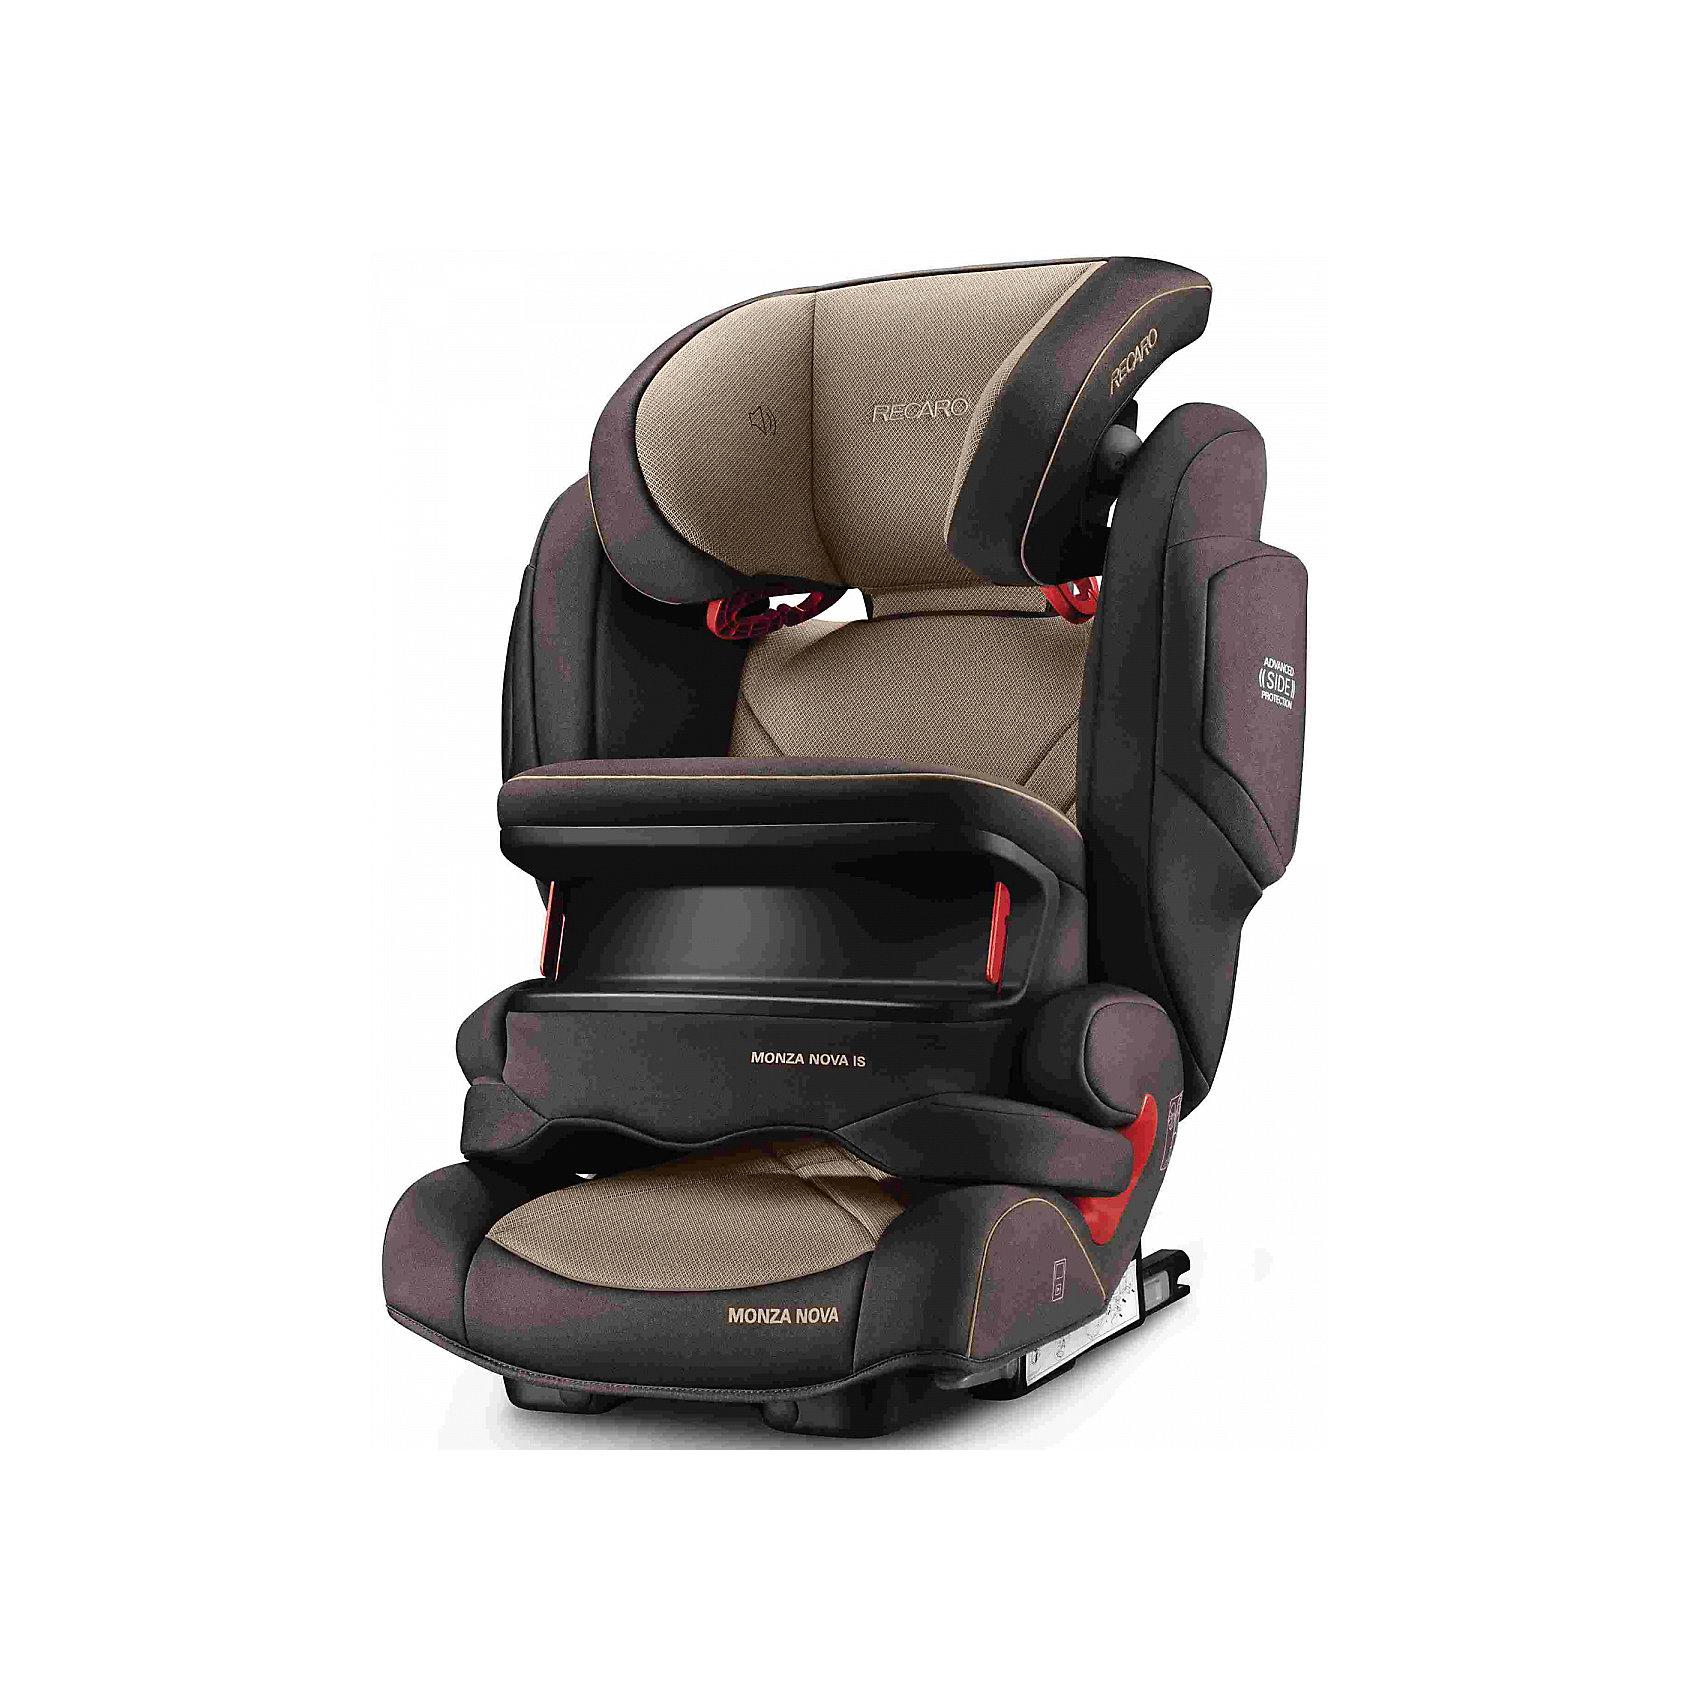 Автокресло Monza Nova IS Seatfix 9-36 кг., Recaro, Dakar SendХарактеристики:<br><br>• группа: 1/2/3;<br>• вес ребенка: 9-36 кг;<br>• возраст ребенка: от 9 месяцев до 12 лет;<br>• способ крепления: IsoFix или штатными ремнями безопасности автомобиля;<br>• способ установки: лицом по ходу движения автомобиля;<br>• регулируется высота подголовника: 11 положений;<br>• имеется ростомер;<br>• регулируется глубина подголовника;<br>• перед ребенком находится специальный жесткий столик, который обеспечивает максимальную защиту ребенка от ударов при столкновении и резком торможении;<br>• угол наклона спинки подгоняется под угол сиденья автомобиля, слегка откидывается назад;<br>• имеются подлокотники, высота не меняется;<br>• сетчатый кармашек на боковой стороне автокресла;<br>• под сиденьем автокресла имеются пластиковые опорные элементы;<br>• в боковинках автокресла находятся встроенные динамики;<br>• усиленная боковая защита, 12 см;<br>• материал: пластик, полиэстер;<br>• размеры автокресла: 48х55х74 см;<br>• вес: 8 кг.<br><br>Автокресло Monza Nova IS Seatfix будет сопровождать вас и вашего кроху вплоть до достижения ребенком возраста 12 лет. Автокресло укомплектовано дополнительными аксессуарами для наибольшей безопасности ребенка на каждом этапе его взросления. Когда вес малыша находится в пределах 9-18 кг, эргономичный защитный столик вместе с 3-х точечным ремнем безопасности автомобиля обеспечивают максимальную безопасность. Автокресло обязательно используется со столиком, пока кроха не достигнет определенного роста и веса (95 см/18 кг).<br><br>Автокресло устанавливается на заднем сидении автомобиля с помощью системы Изофикс. Выдвижные крепления кресла совмещаются с системой Изофикс в автомобиле.<br>Обивка автокресла выполнена из дышащего материала, который не впитывает посторонние запахи. Автокресло оснащено вентиляционными отверстиями для циркуляции воздуха и регуляции теплообмена. Чехлы автокресла съемные, допускается стирка при температуре 30 градусов.<br><br>Комплек